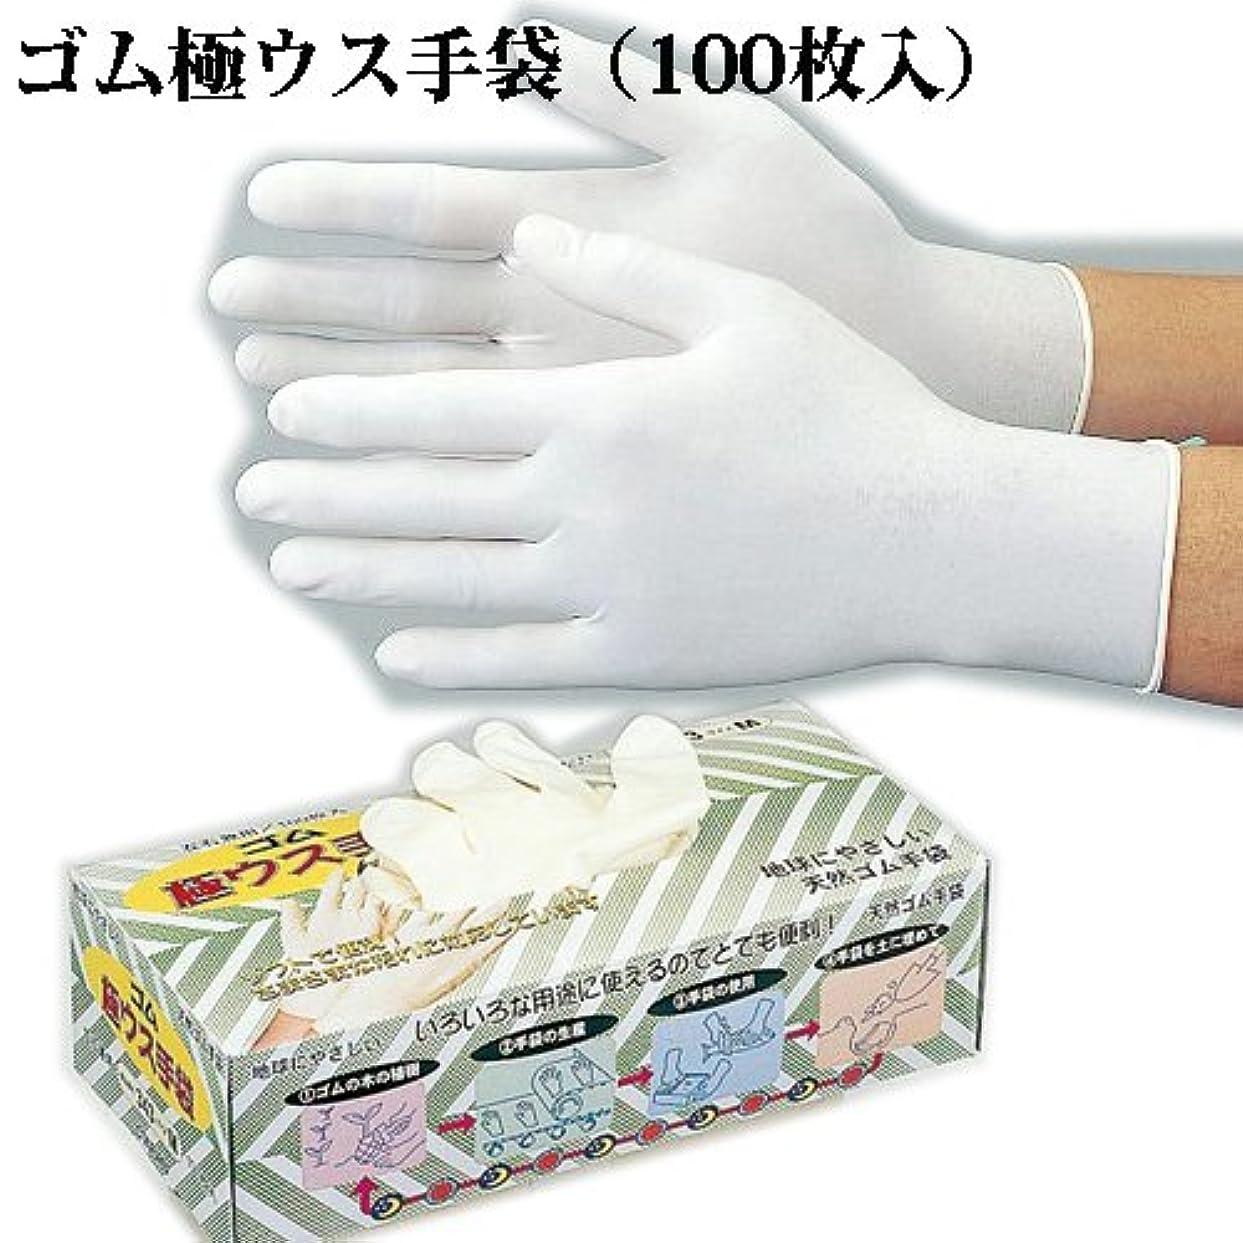 落ち込んでいる独創的フルーツ野菜【おたふく手袋】ゴム極ウス手袋 100枚入れ No343 Lサイズ